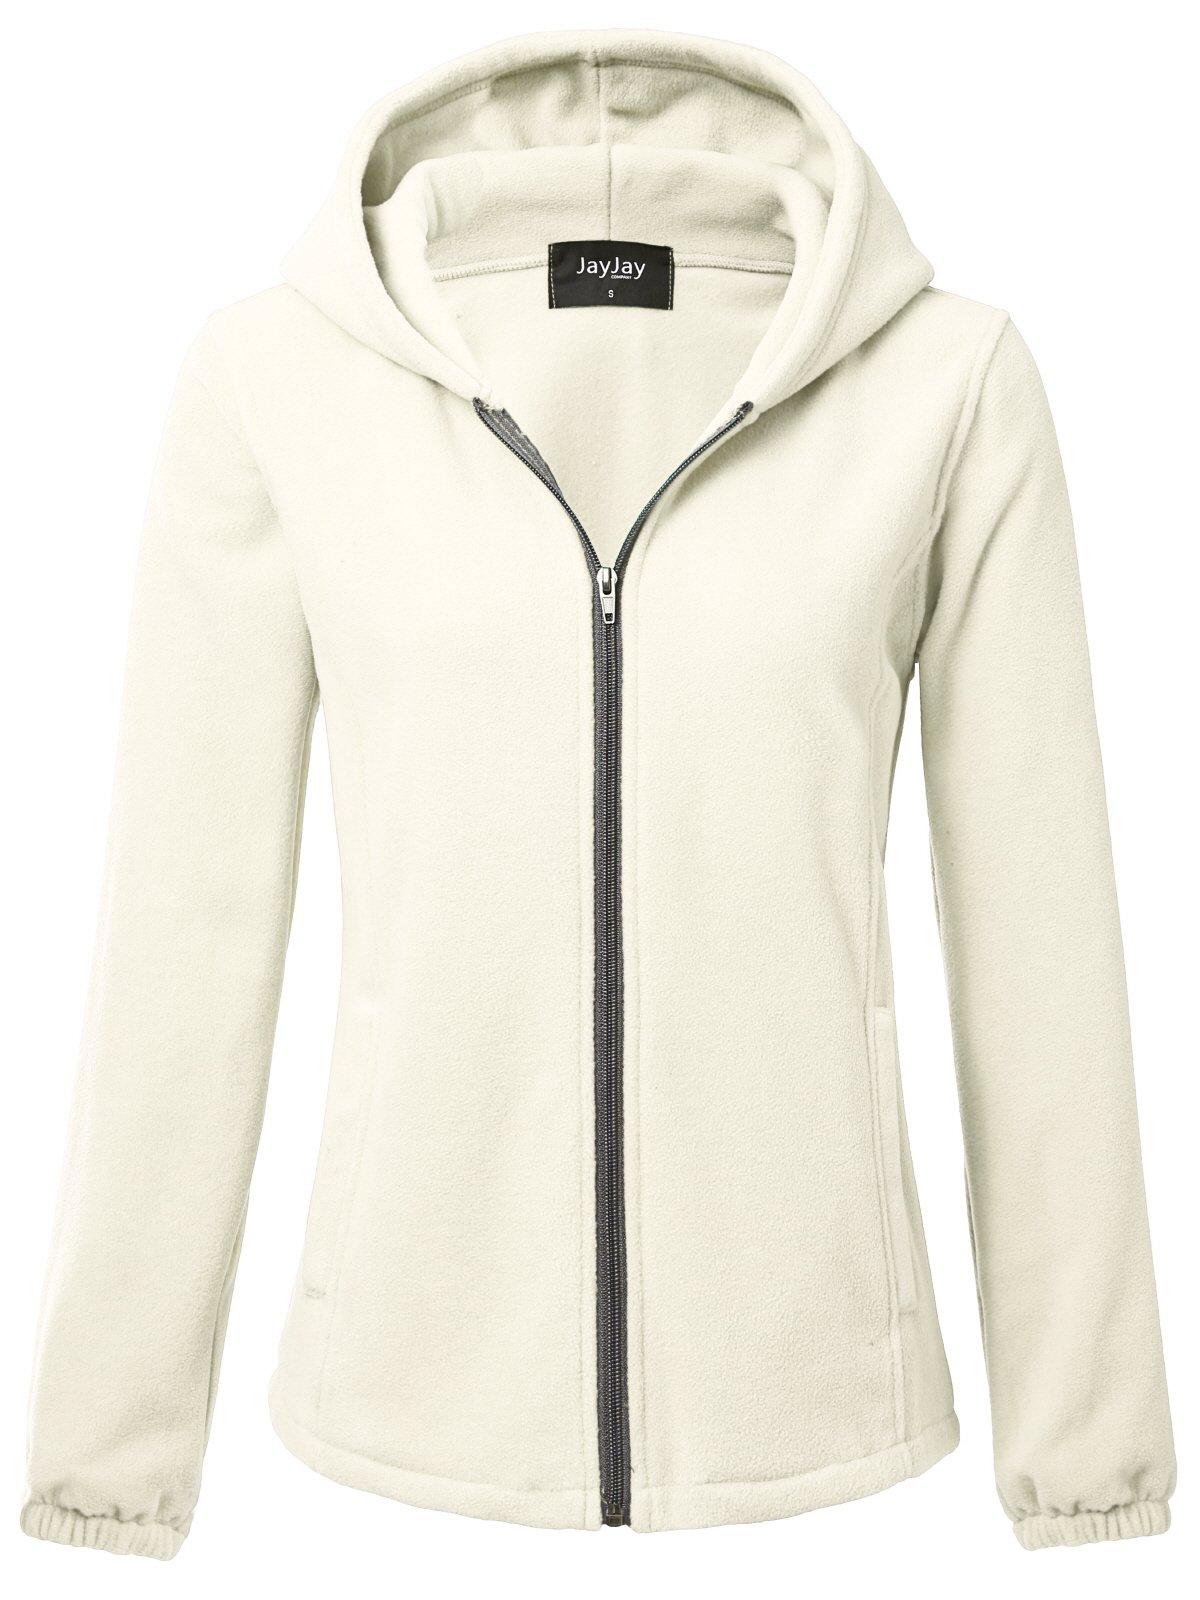 JayJay Women Ultra Soft Fleece Long Sleeve Hoodie Jacket,Beige,M